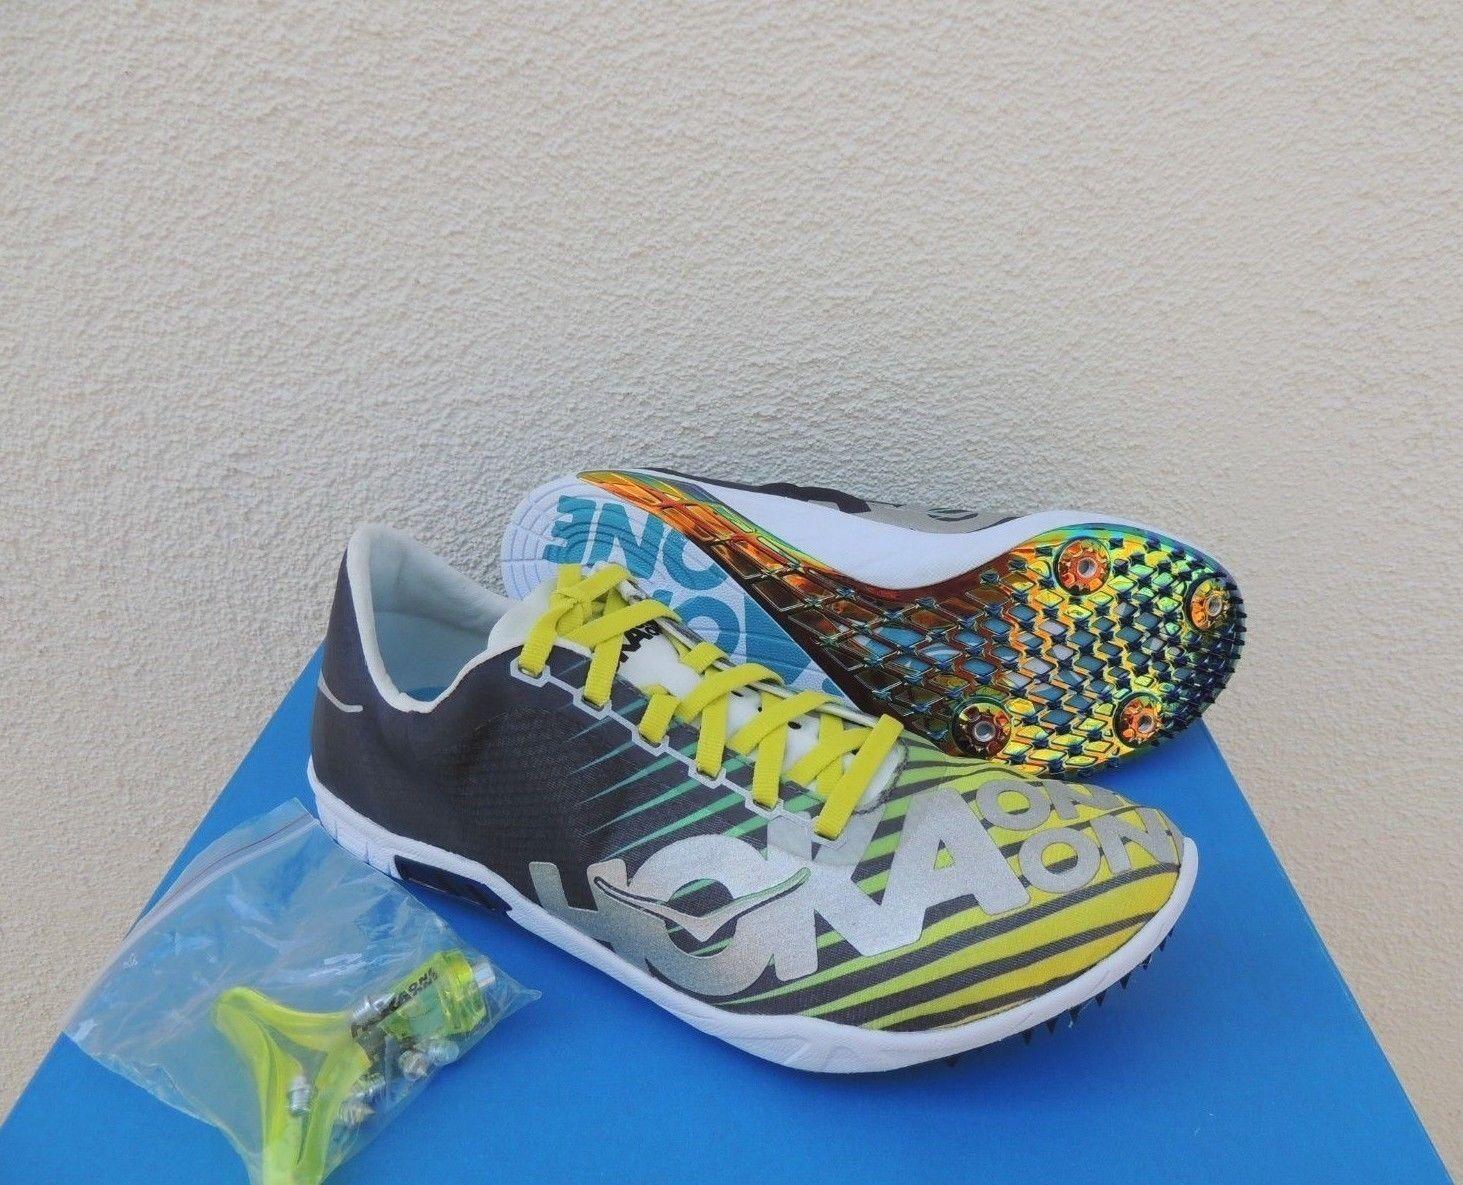 HOKA SPEED EVO EVO EVO RIO picos ONE ONE zapatos para correr, Hombres EE. UU. 12 46 2 3 euros  Nuevo f1ae8f